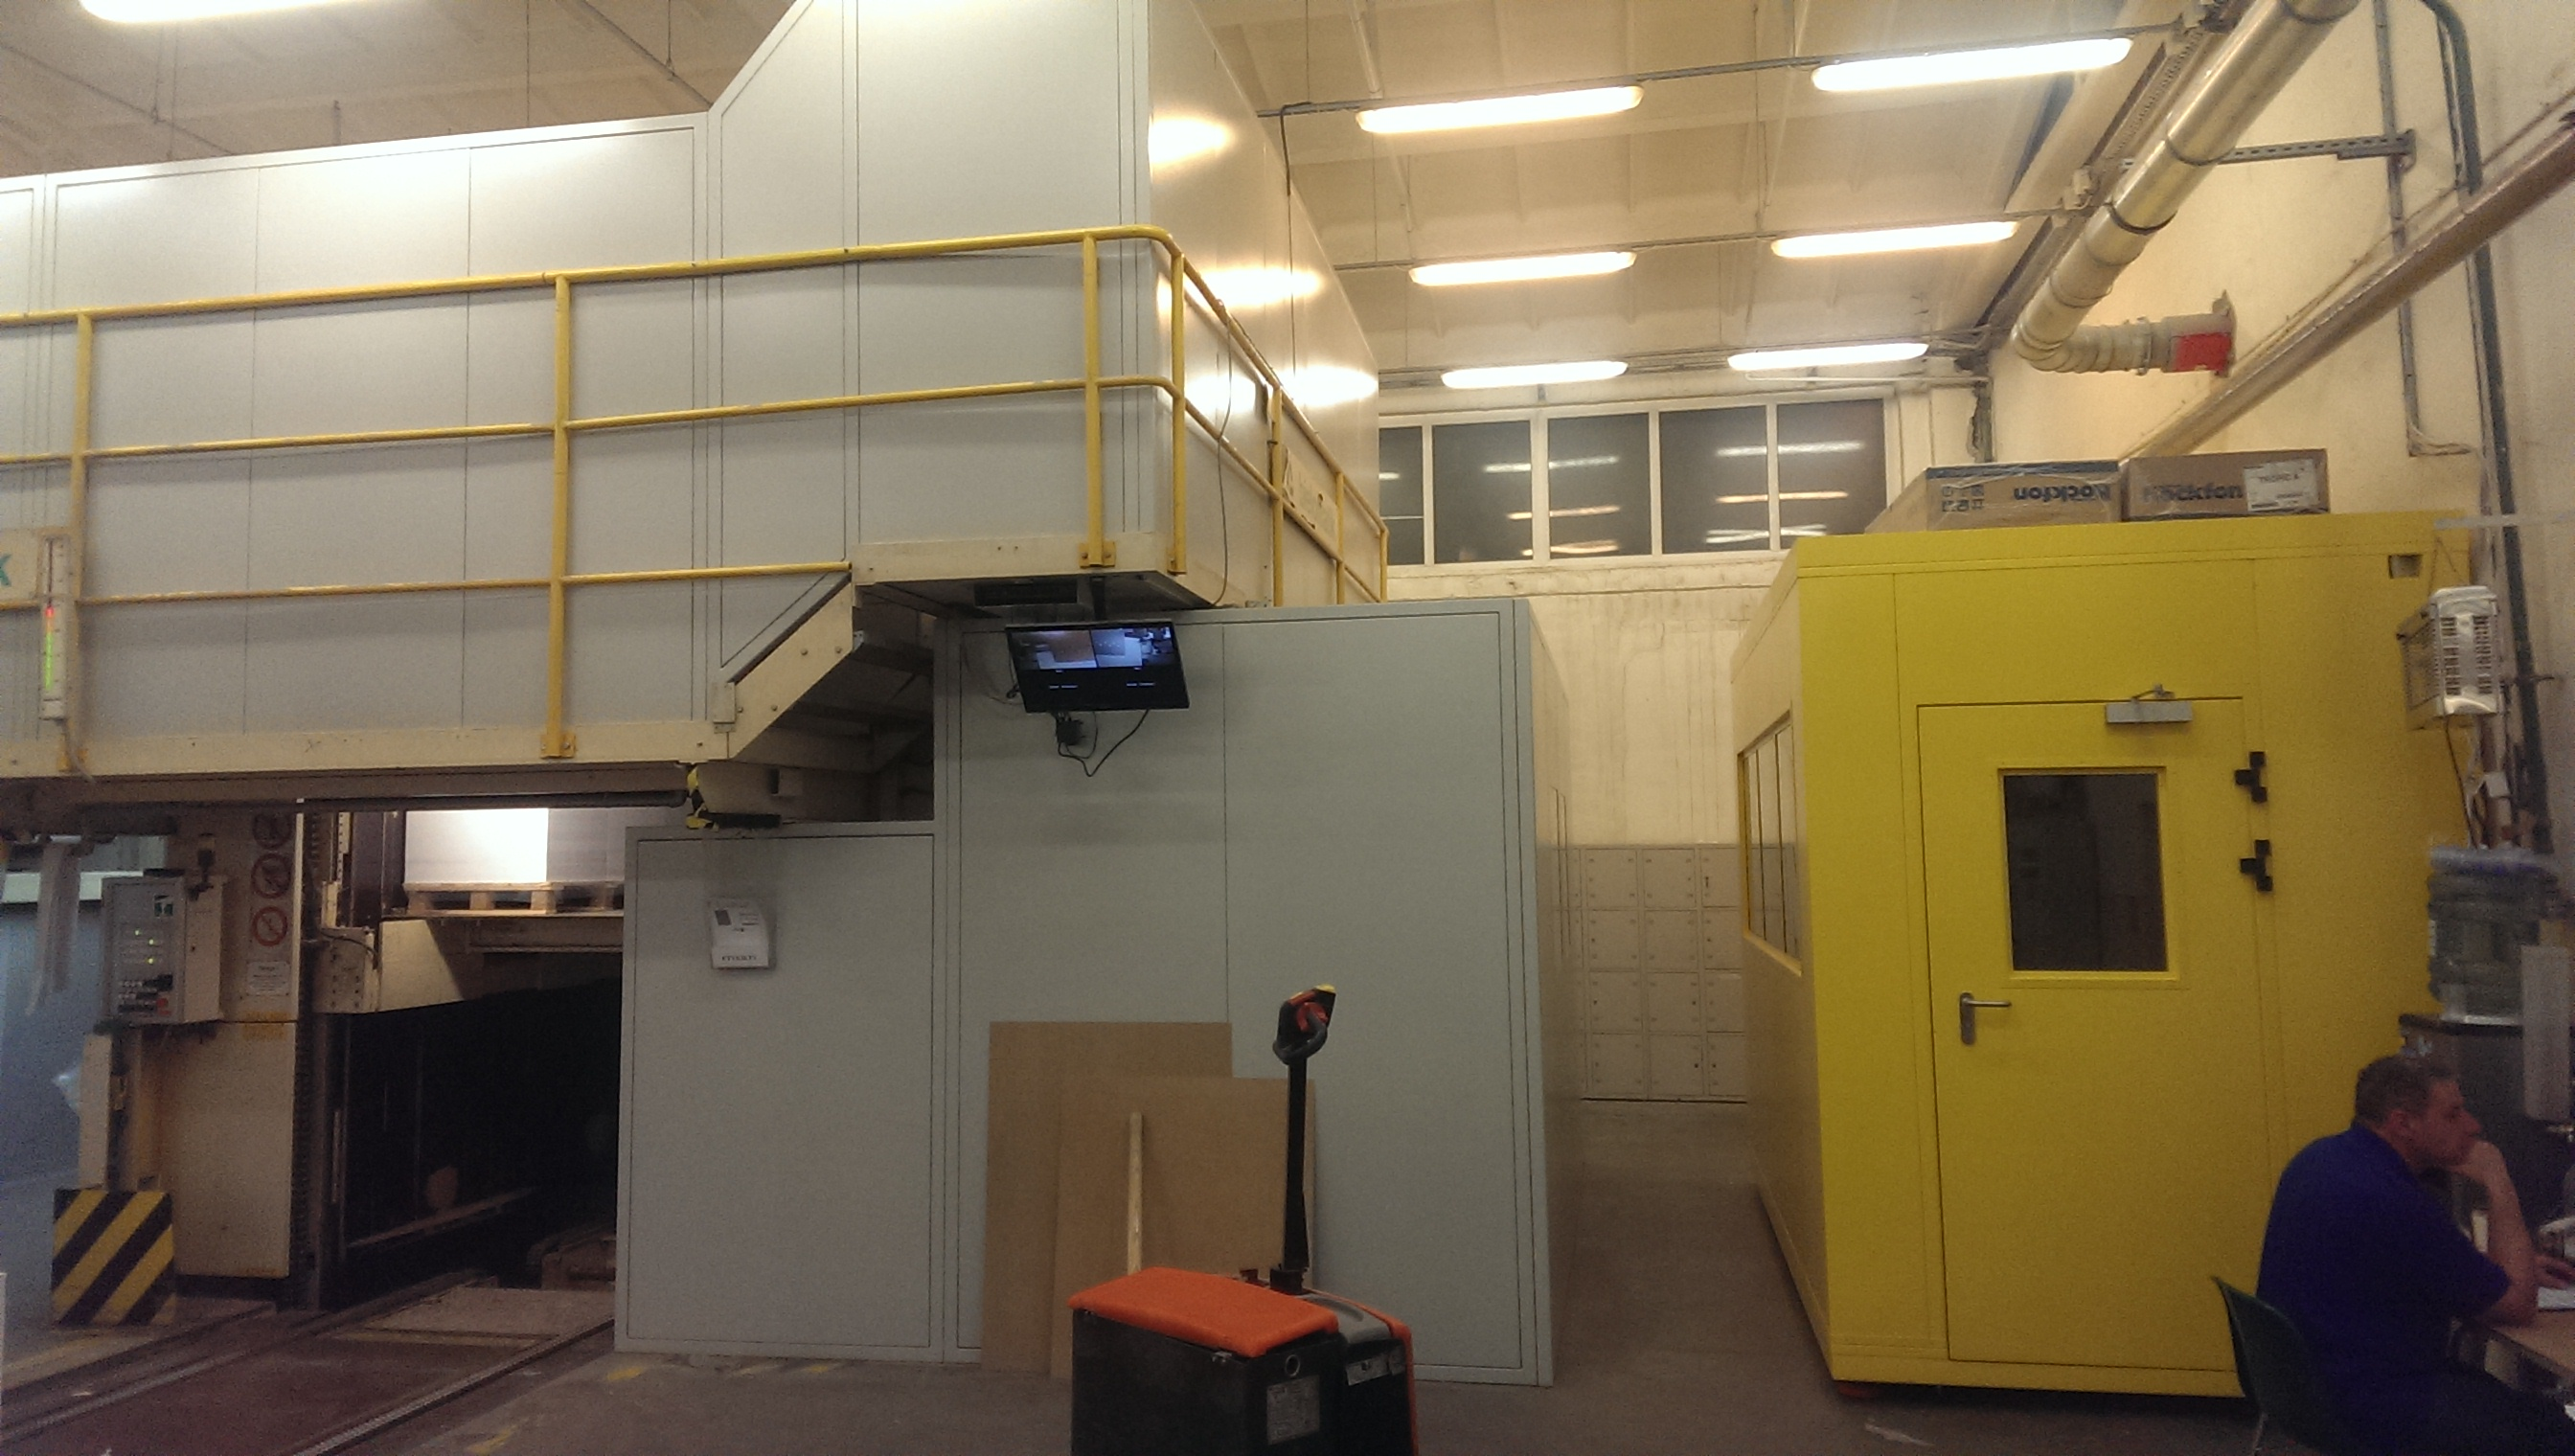 Kabina operatora i ekran akustyczny linii przekrawacza papieru